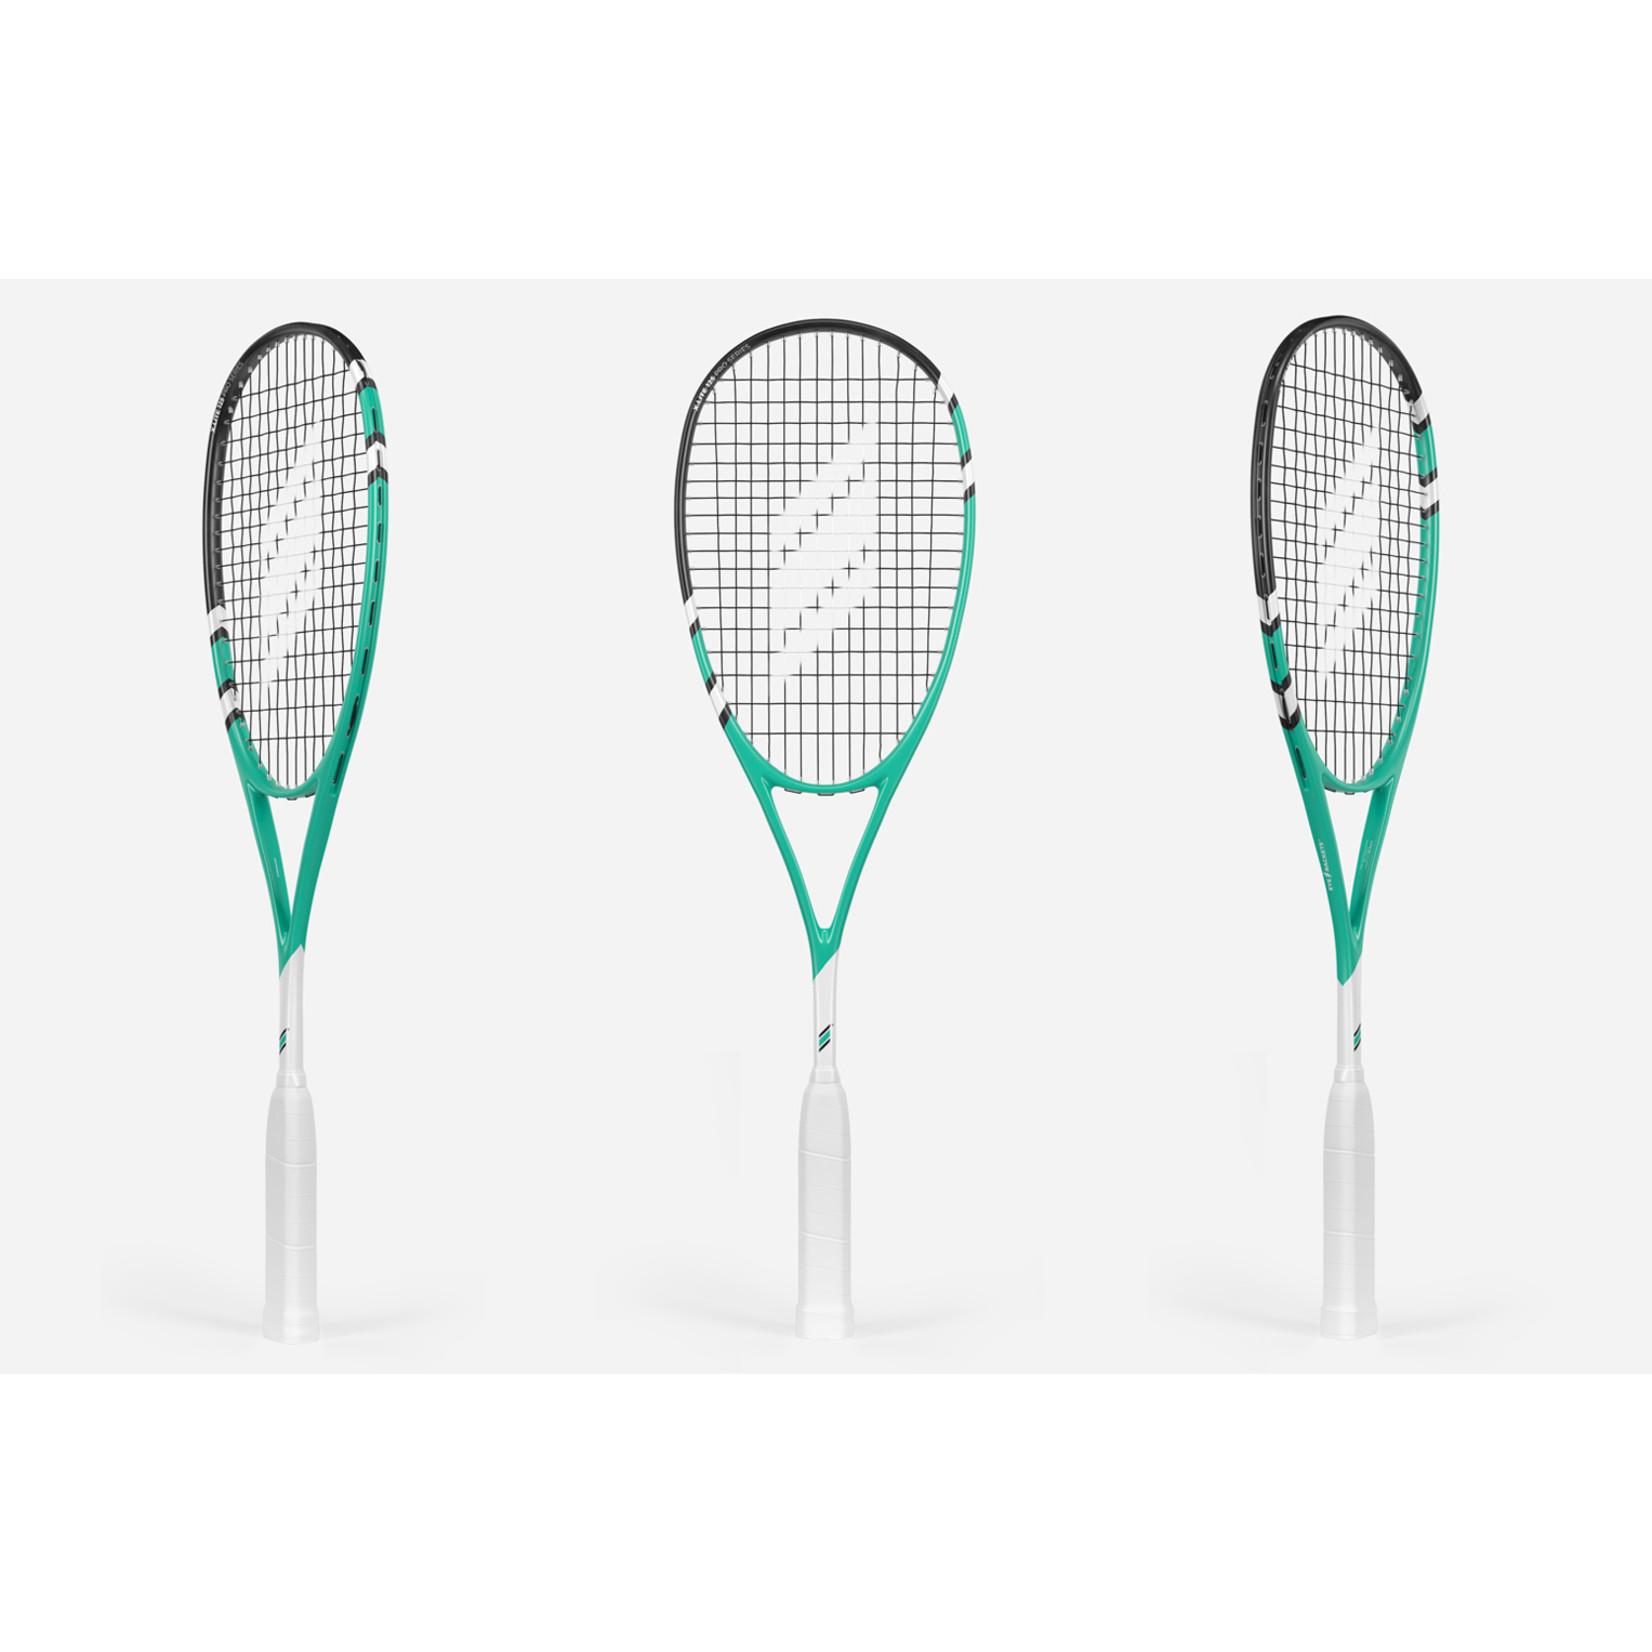 Eye X.lite 125 Pro squashracket